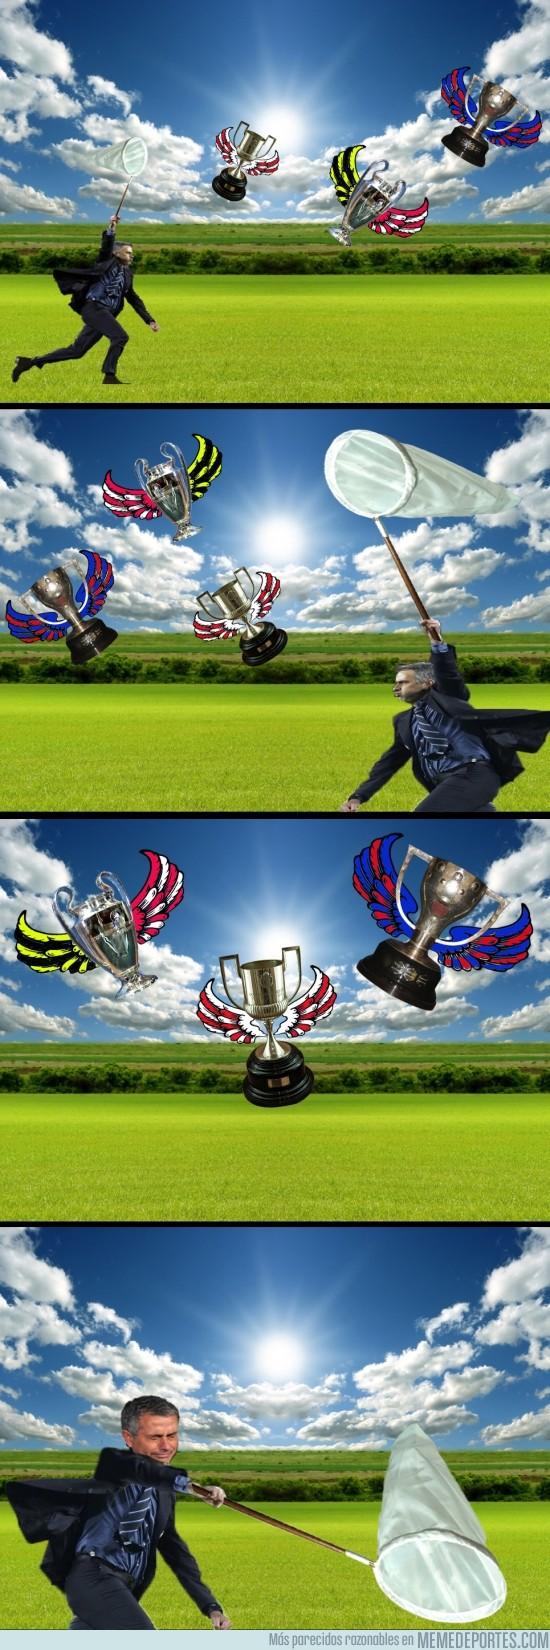 134621 - Temporada de Mourinho en el Real Madrid 2012/2013